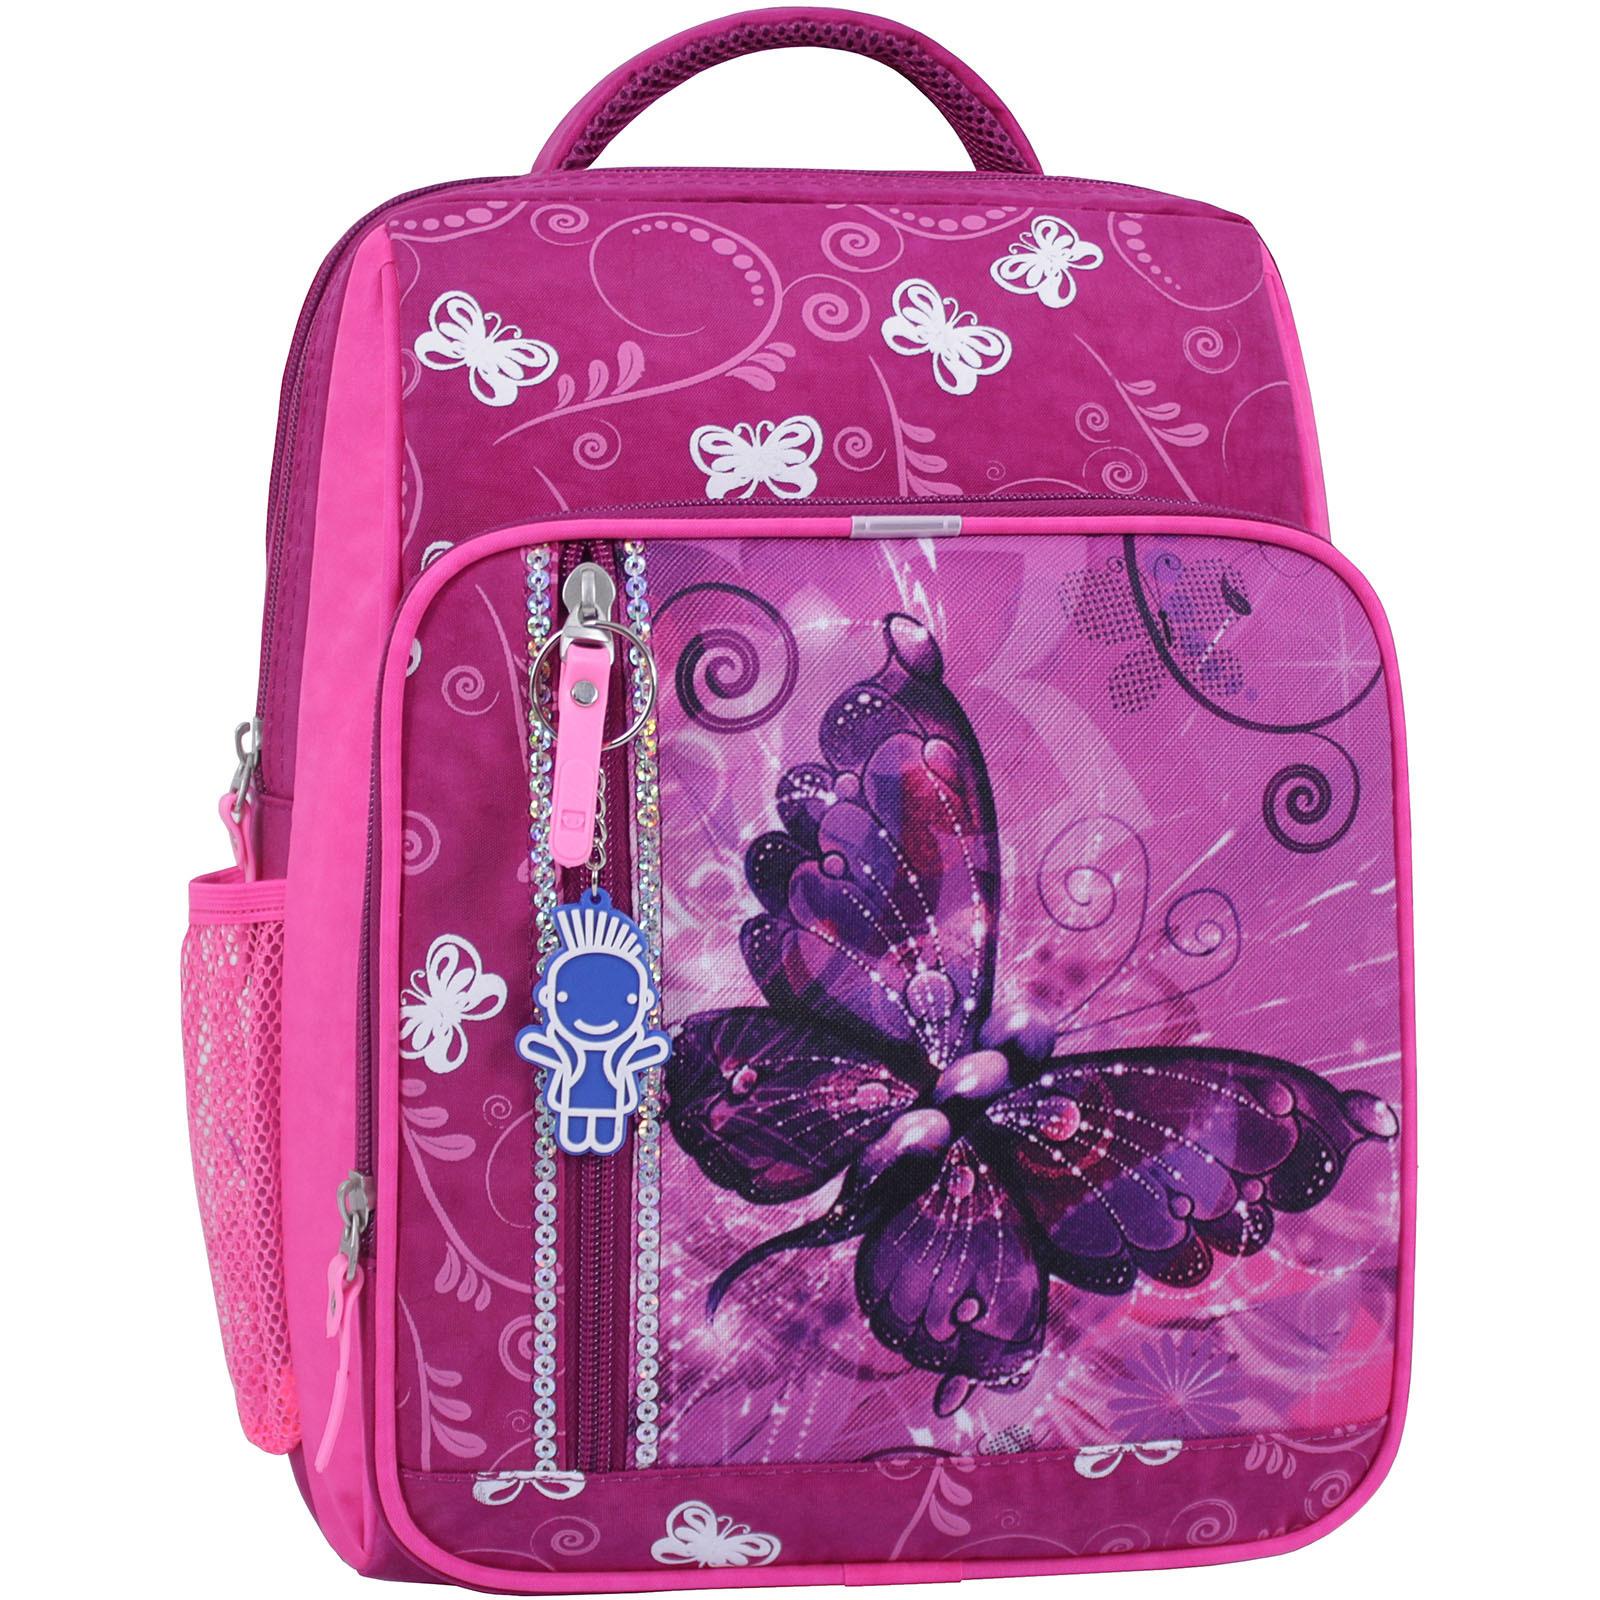 Детские рюкзаки Рюкзак школьный Bagland Школьник 8 л. 143 малиновый 615 (0012870) IMG_0835_суб.615.JPG